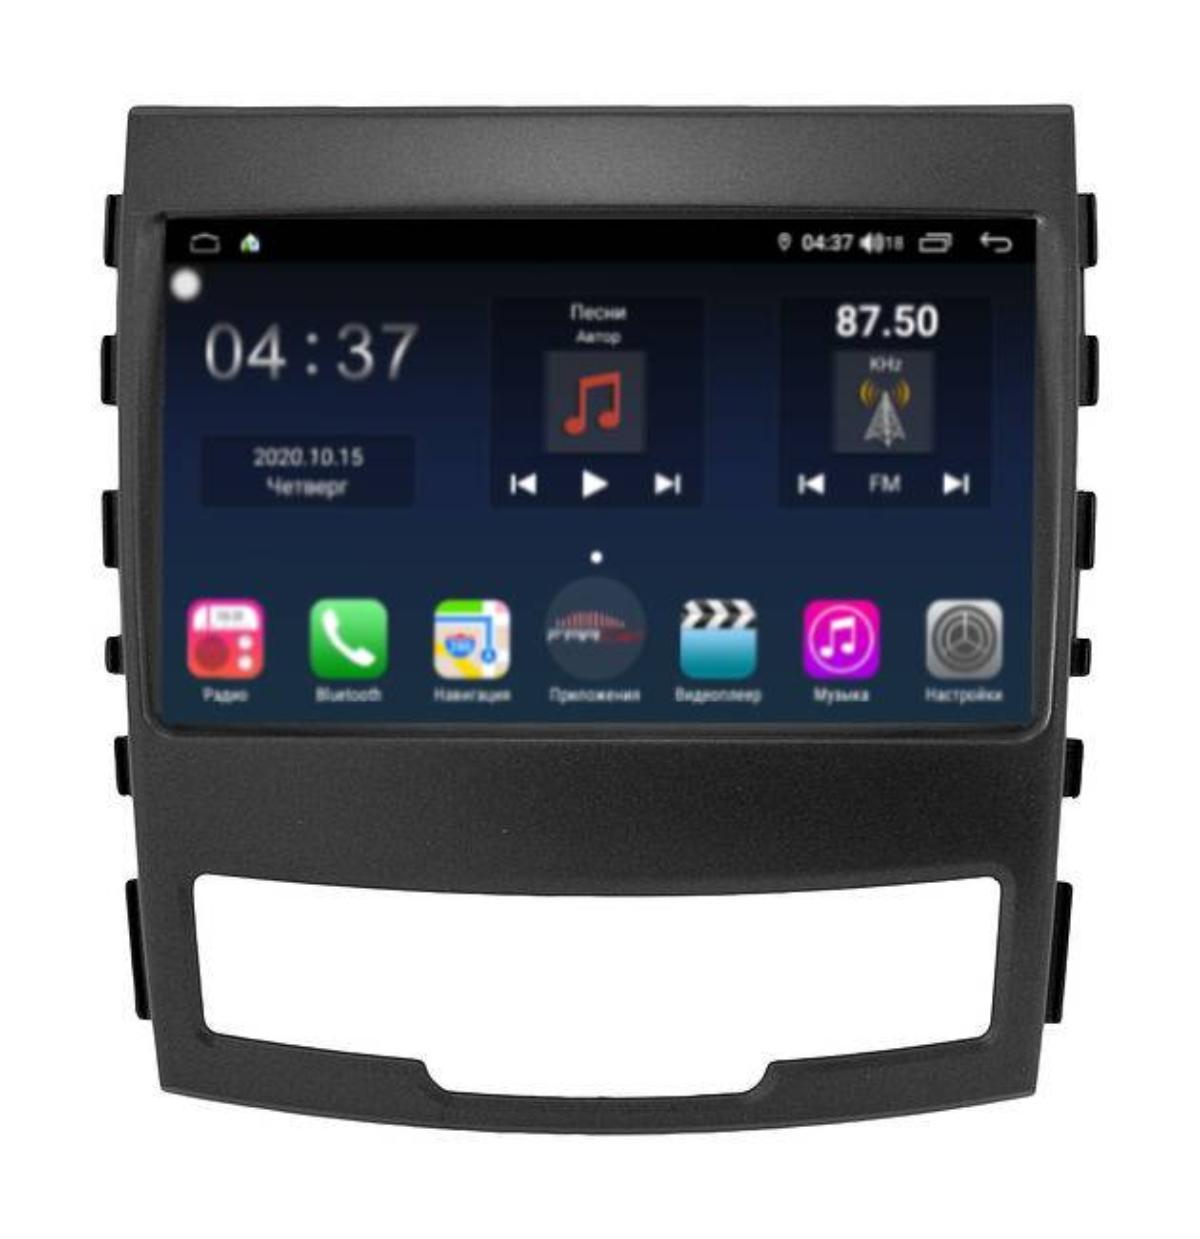 Штатная магнитола FarCar s400 для Ssang Yong Actyon new на Android (TG159R)